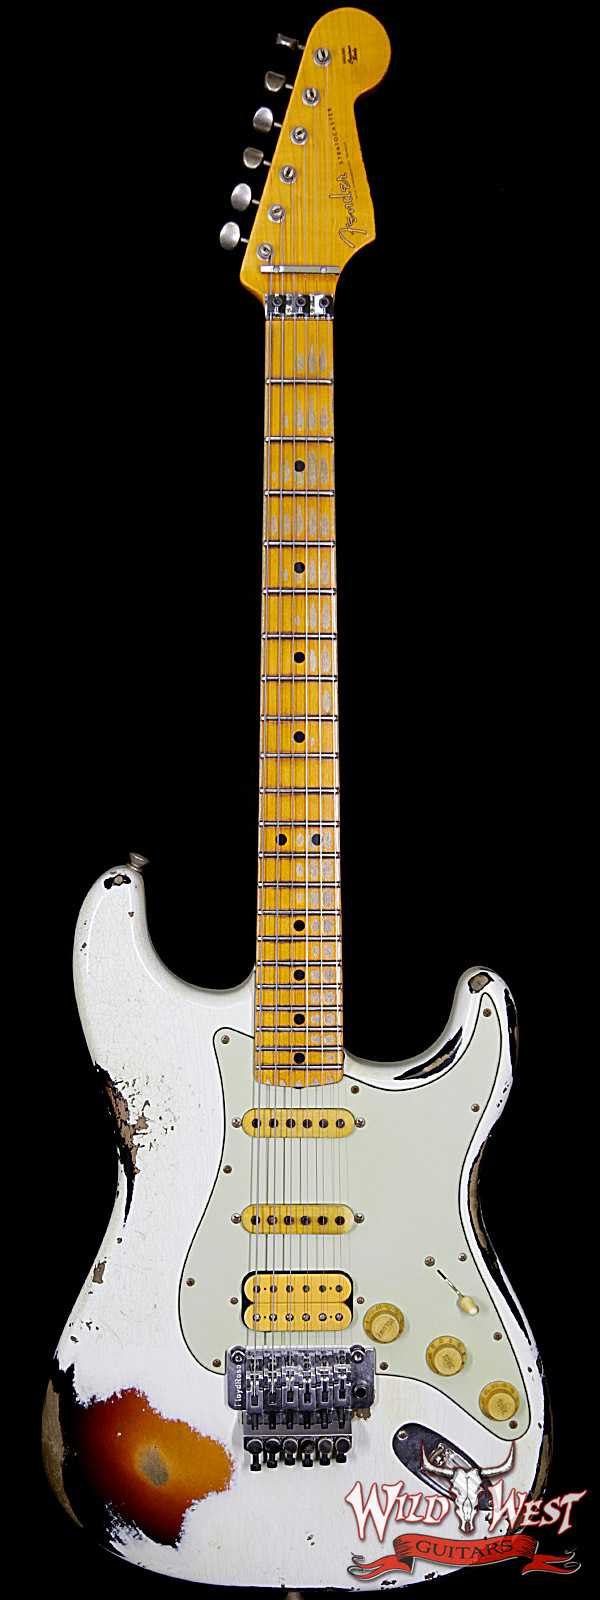 Fender 1960 Stratocaster Heavy Relic White Lightning Olympic White over Three Tone Sunburst